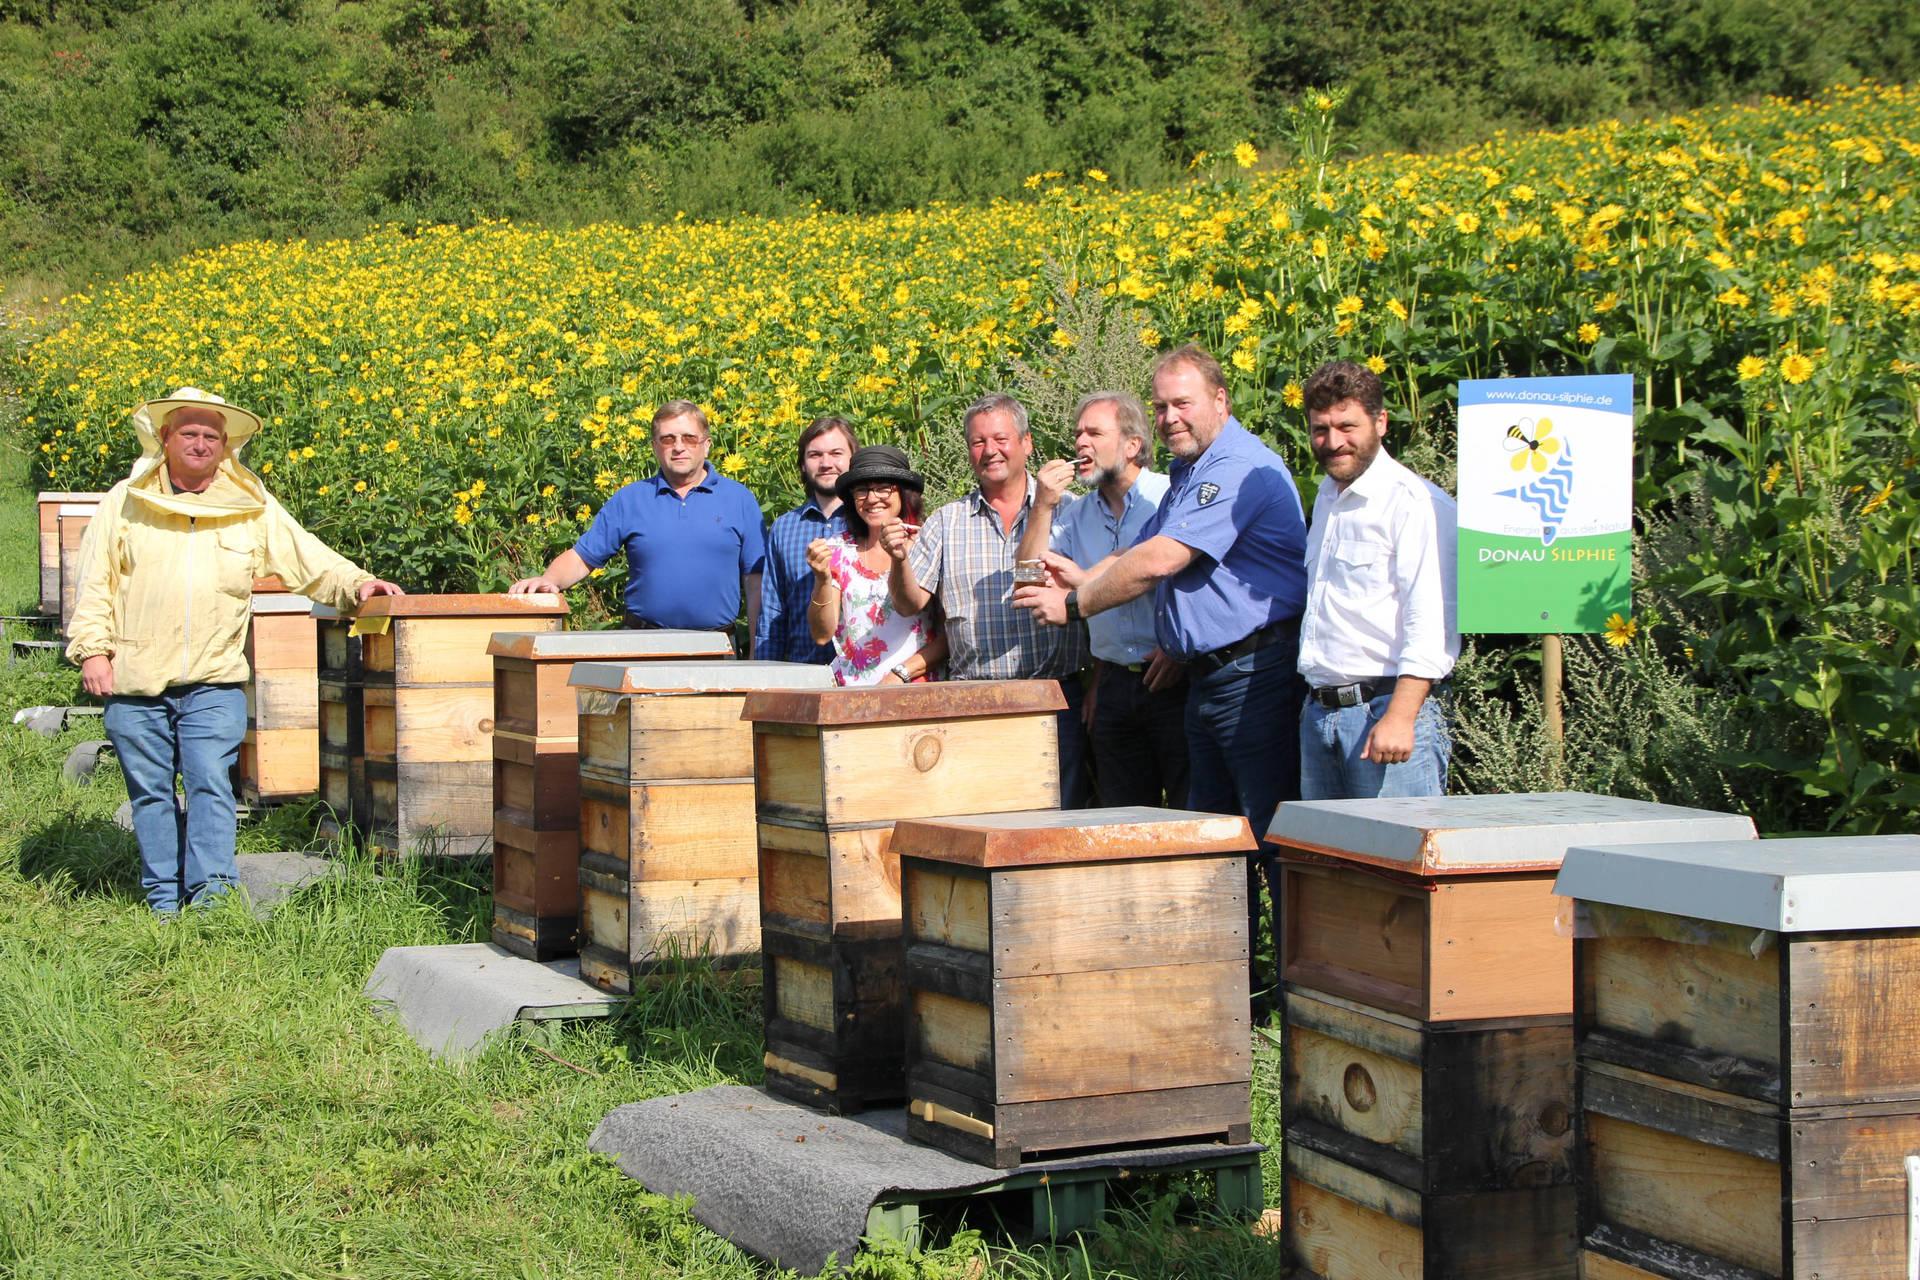 Die bis zu 3,50 Meter hohe Silphie ist auch eine ideale Bienenweide. Imker ernten pro Hektar bis zu 150 Kilogramm Honig.